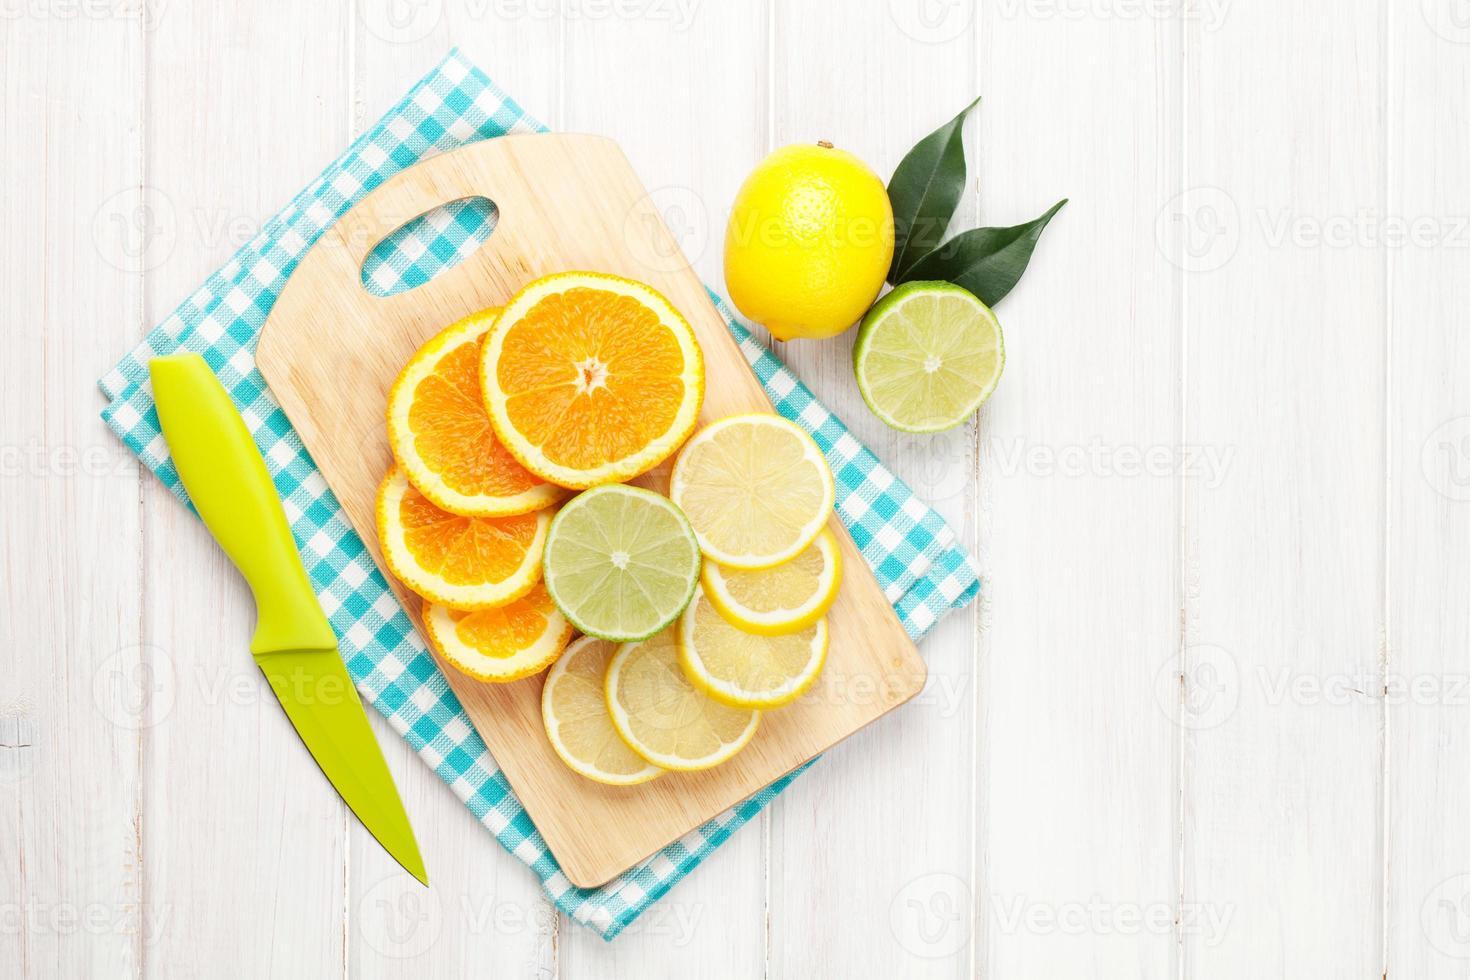 les agrumes. oranges, limes et citrons photo